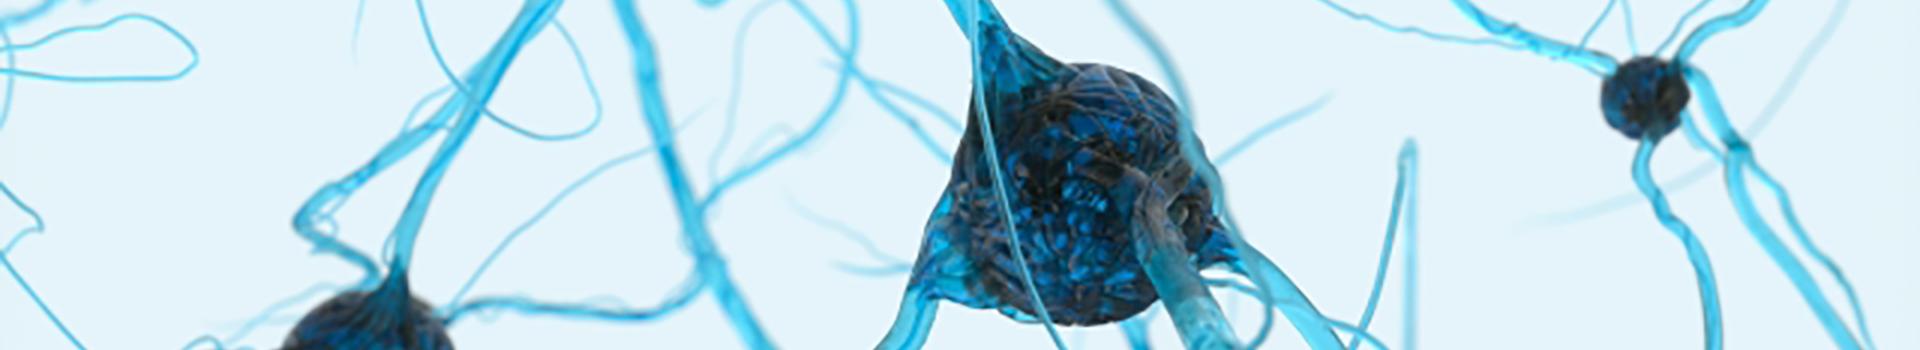 神経外科先端治療開発学分野